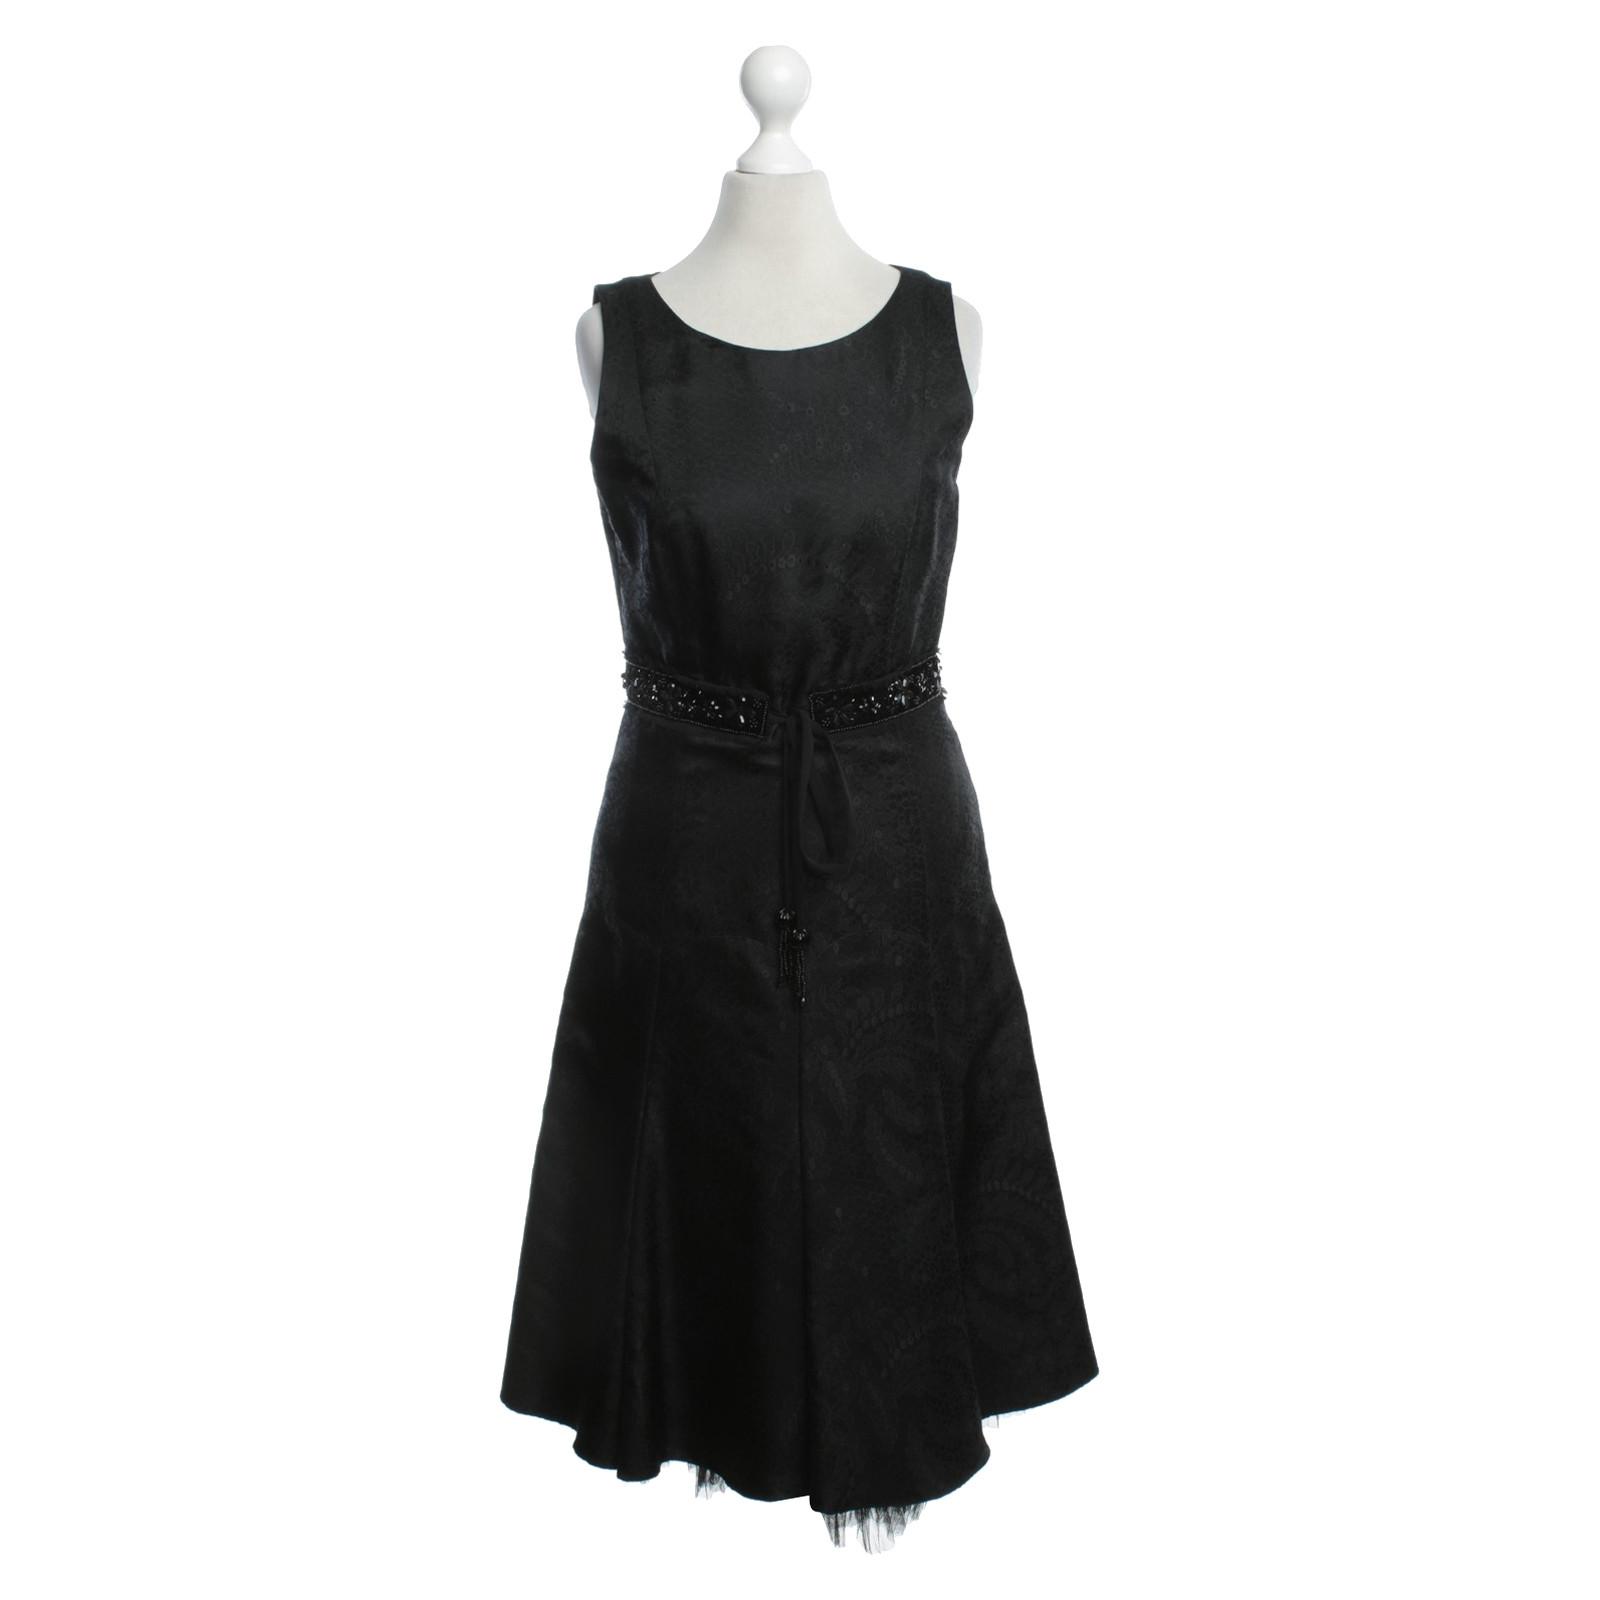 rena lange kleid in schwarz - second hand rena lange kleid